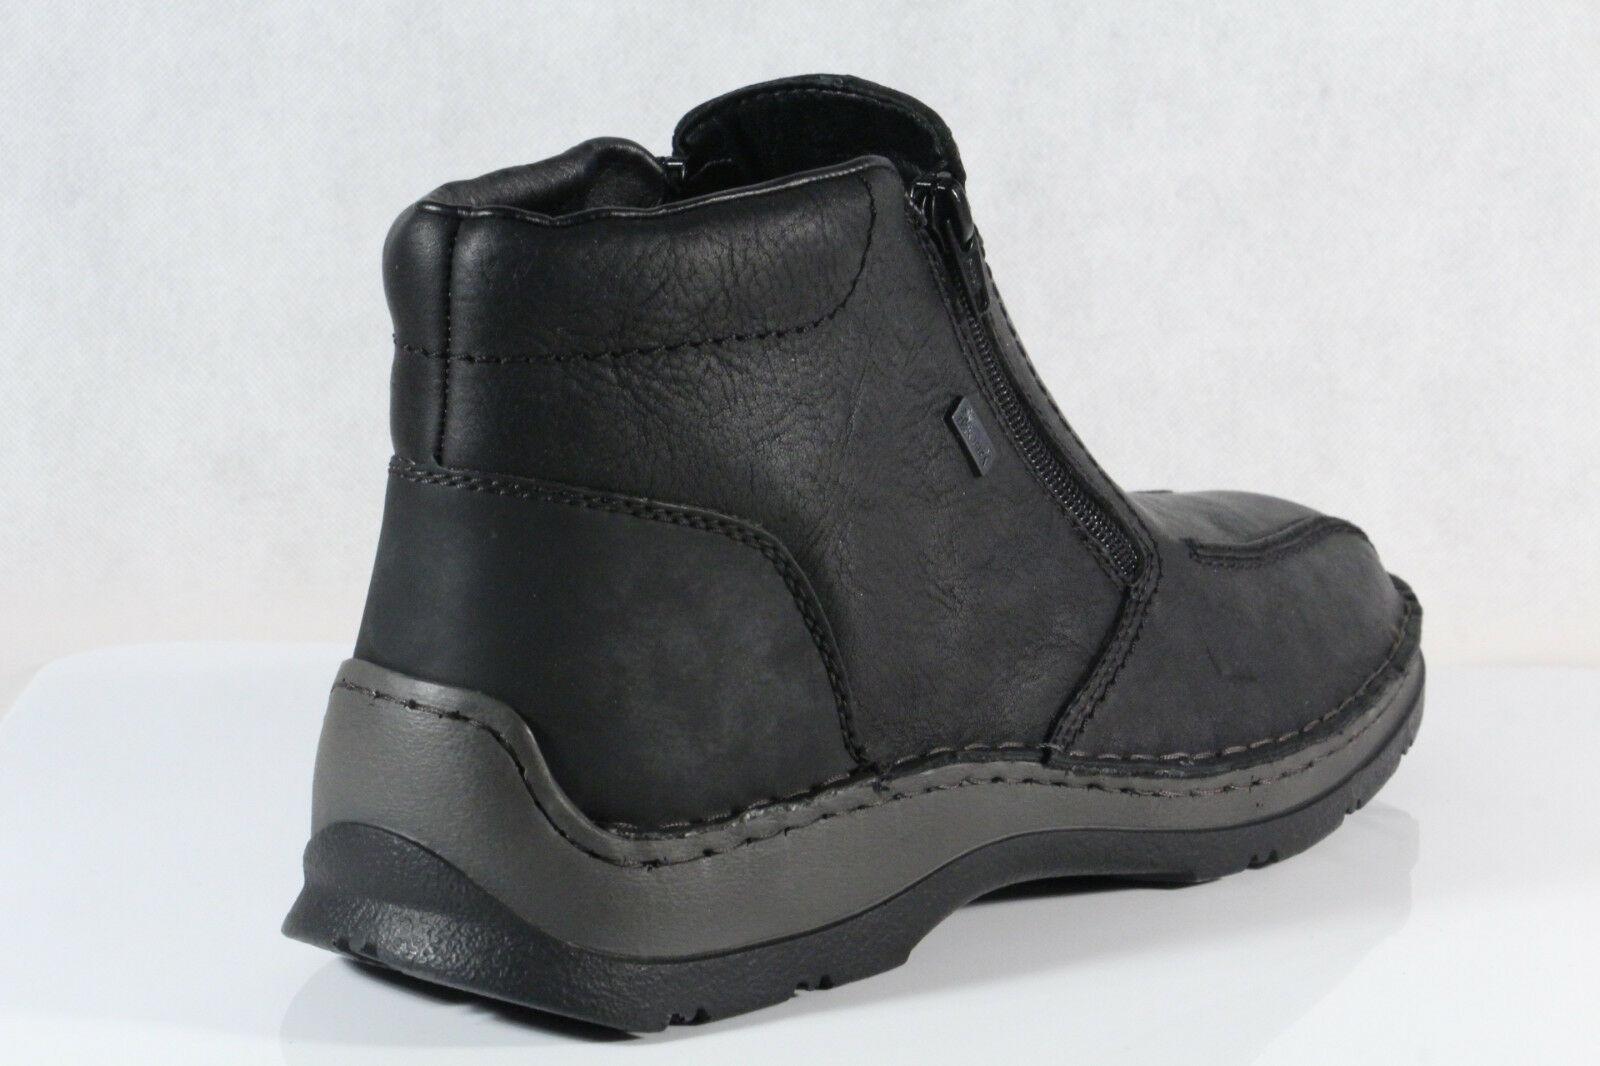 Rieker 32363 Stiefel Stiefelette Stiefeletten EchtlederTEX